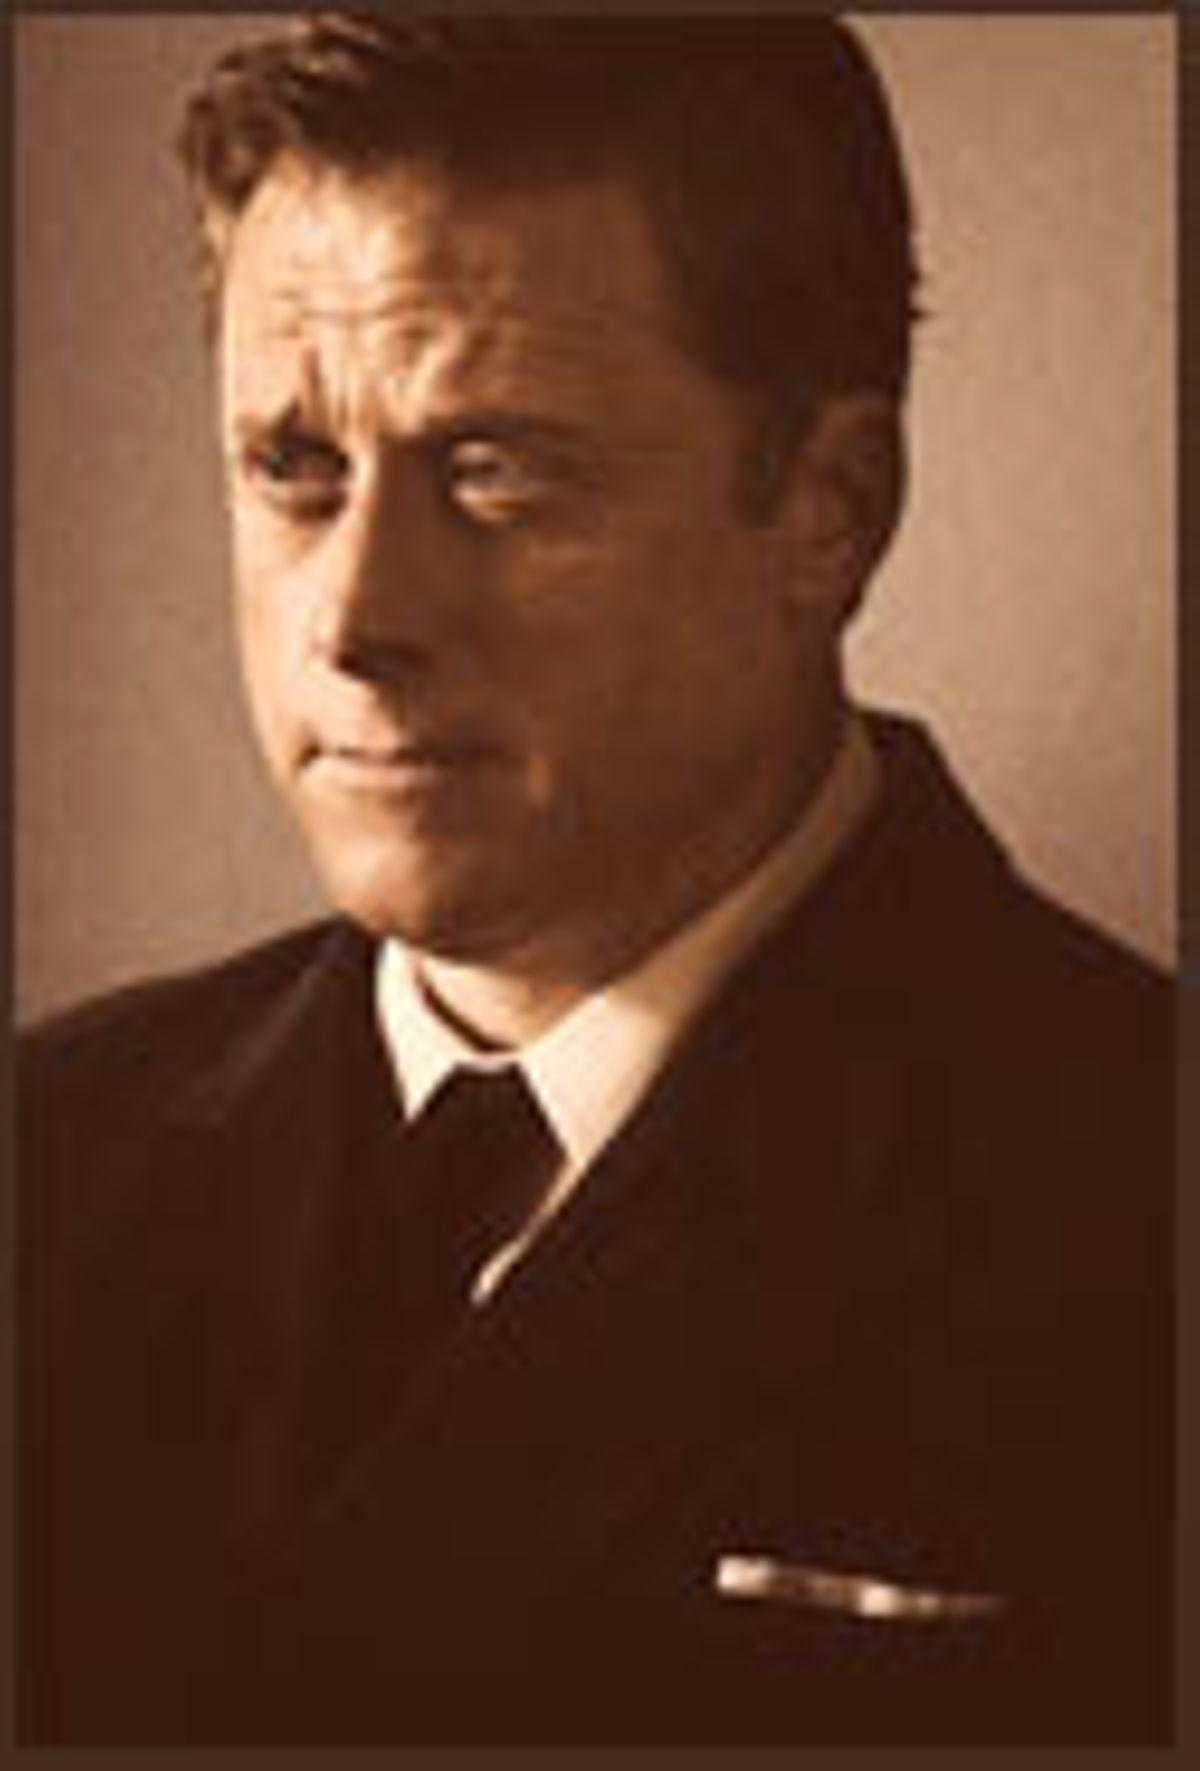 Alan Tudyk